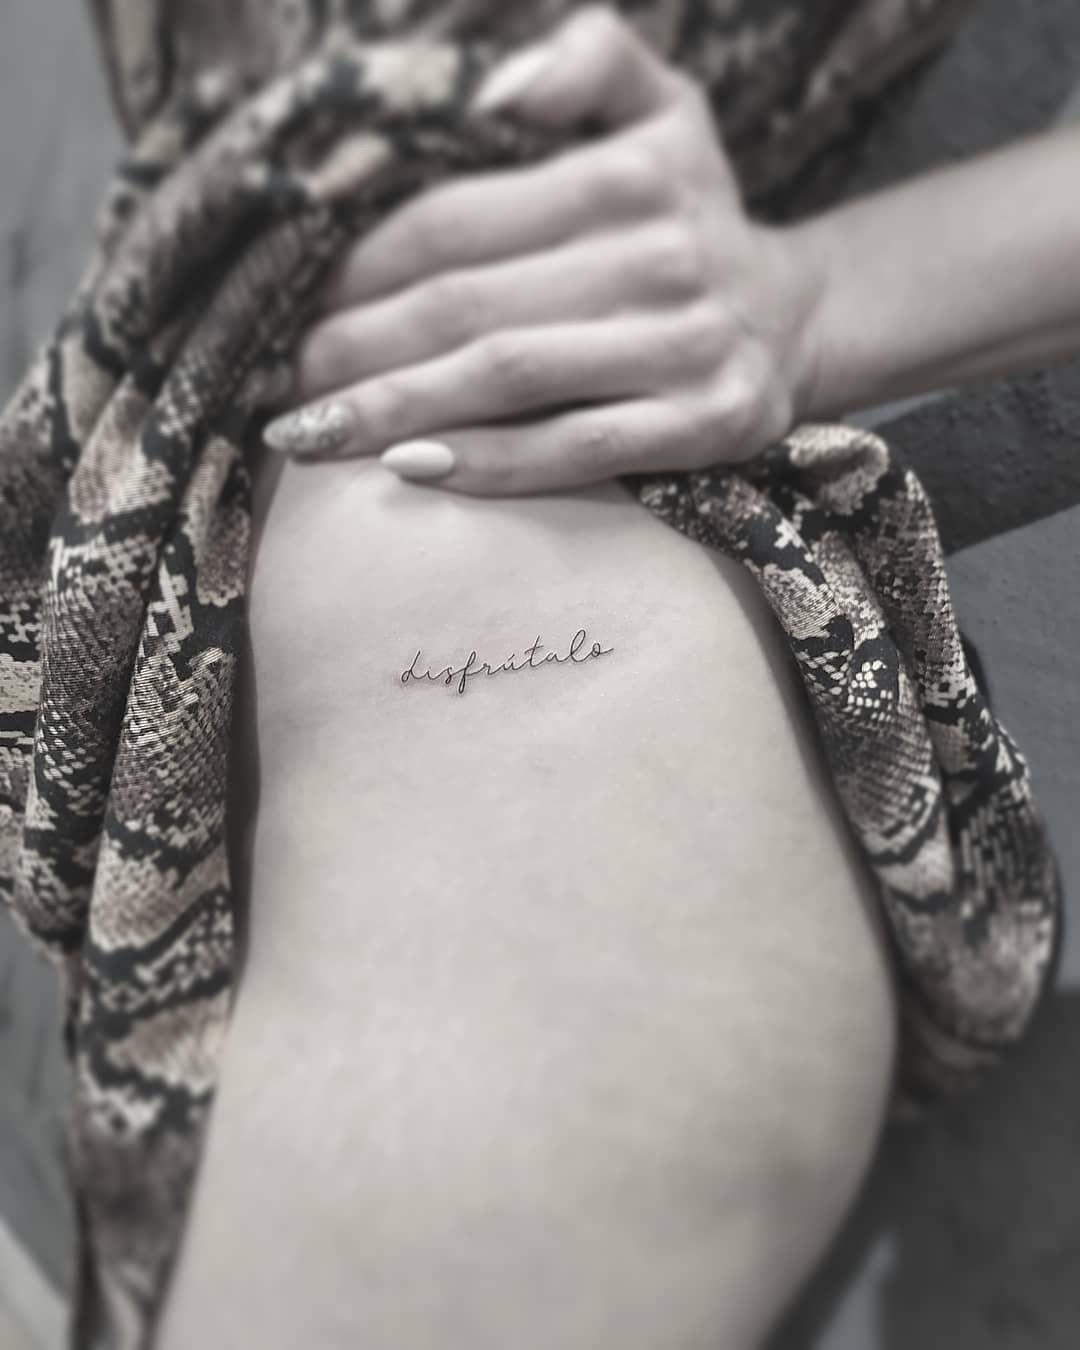 Grazie della fiducia🖤 . . grazie😘 . .  #tatuatoricagliari #family #cagliari_illife #instatattoos #maltatattoo #instatattoo #cagliaricity #letteringtattoo #sardiniatattoo #cagliari_photogroup #instartist #instartoftheday #letteringtattoo #femmetattoo #visualart #cagliari_illife #girltattoo #tattoo #inkedup #tattoosofinstagram #cagliaritattoo #inkedlife #cagliari #sardiniagirl #tattoocagliari #tattoostagram #lettering #letteringtattoo #tatuatorisardi